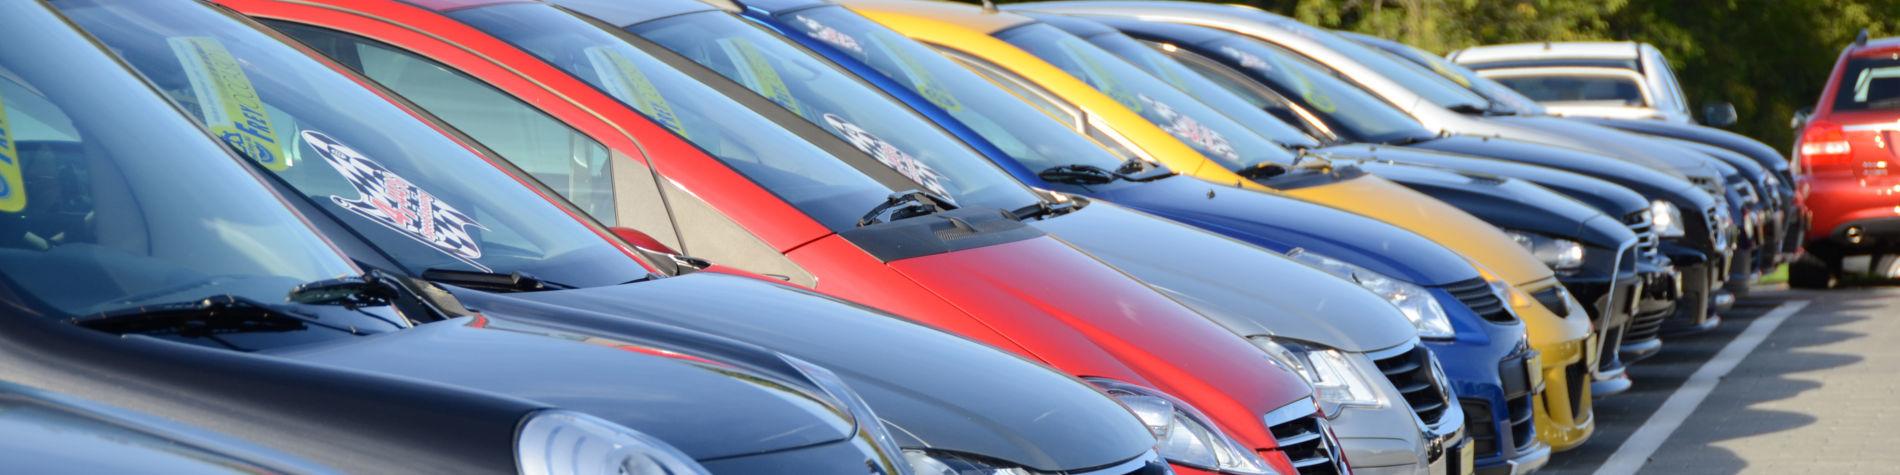 Tipps Occasion Autos Die 10 Grössten Irrtümer Tcs Schweiz